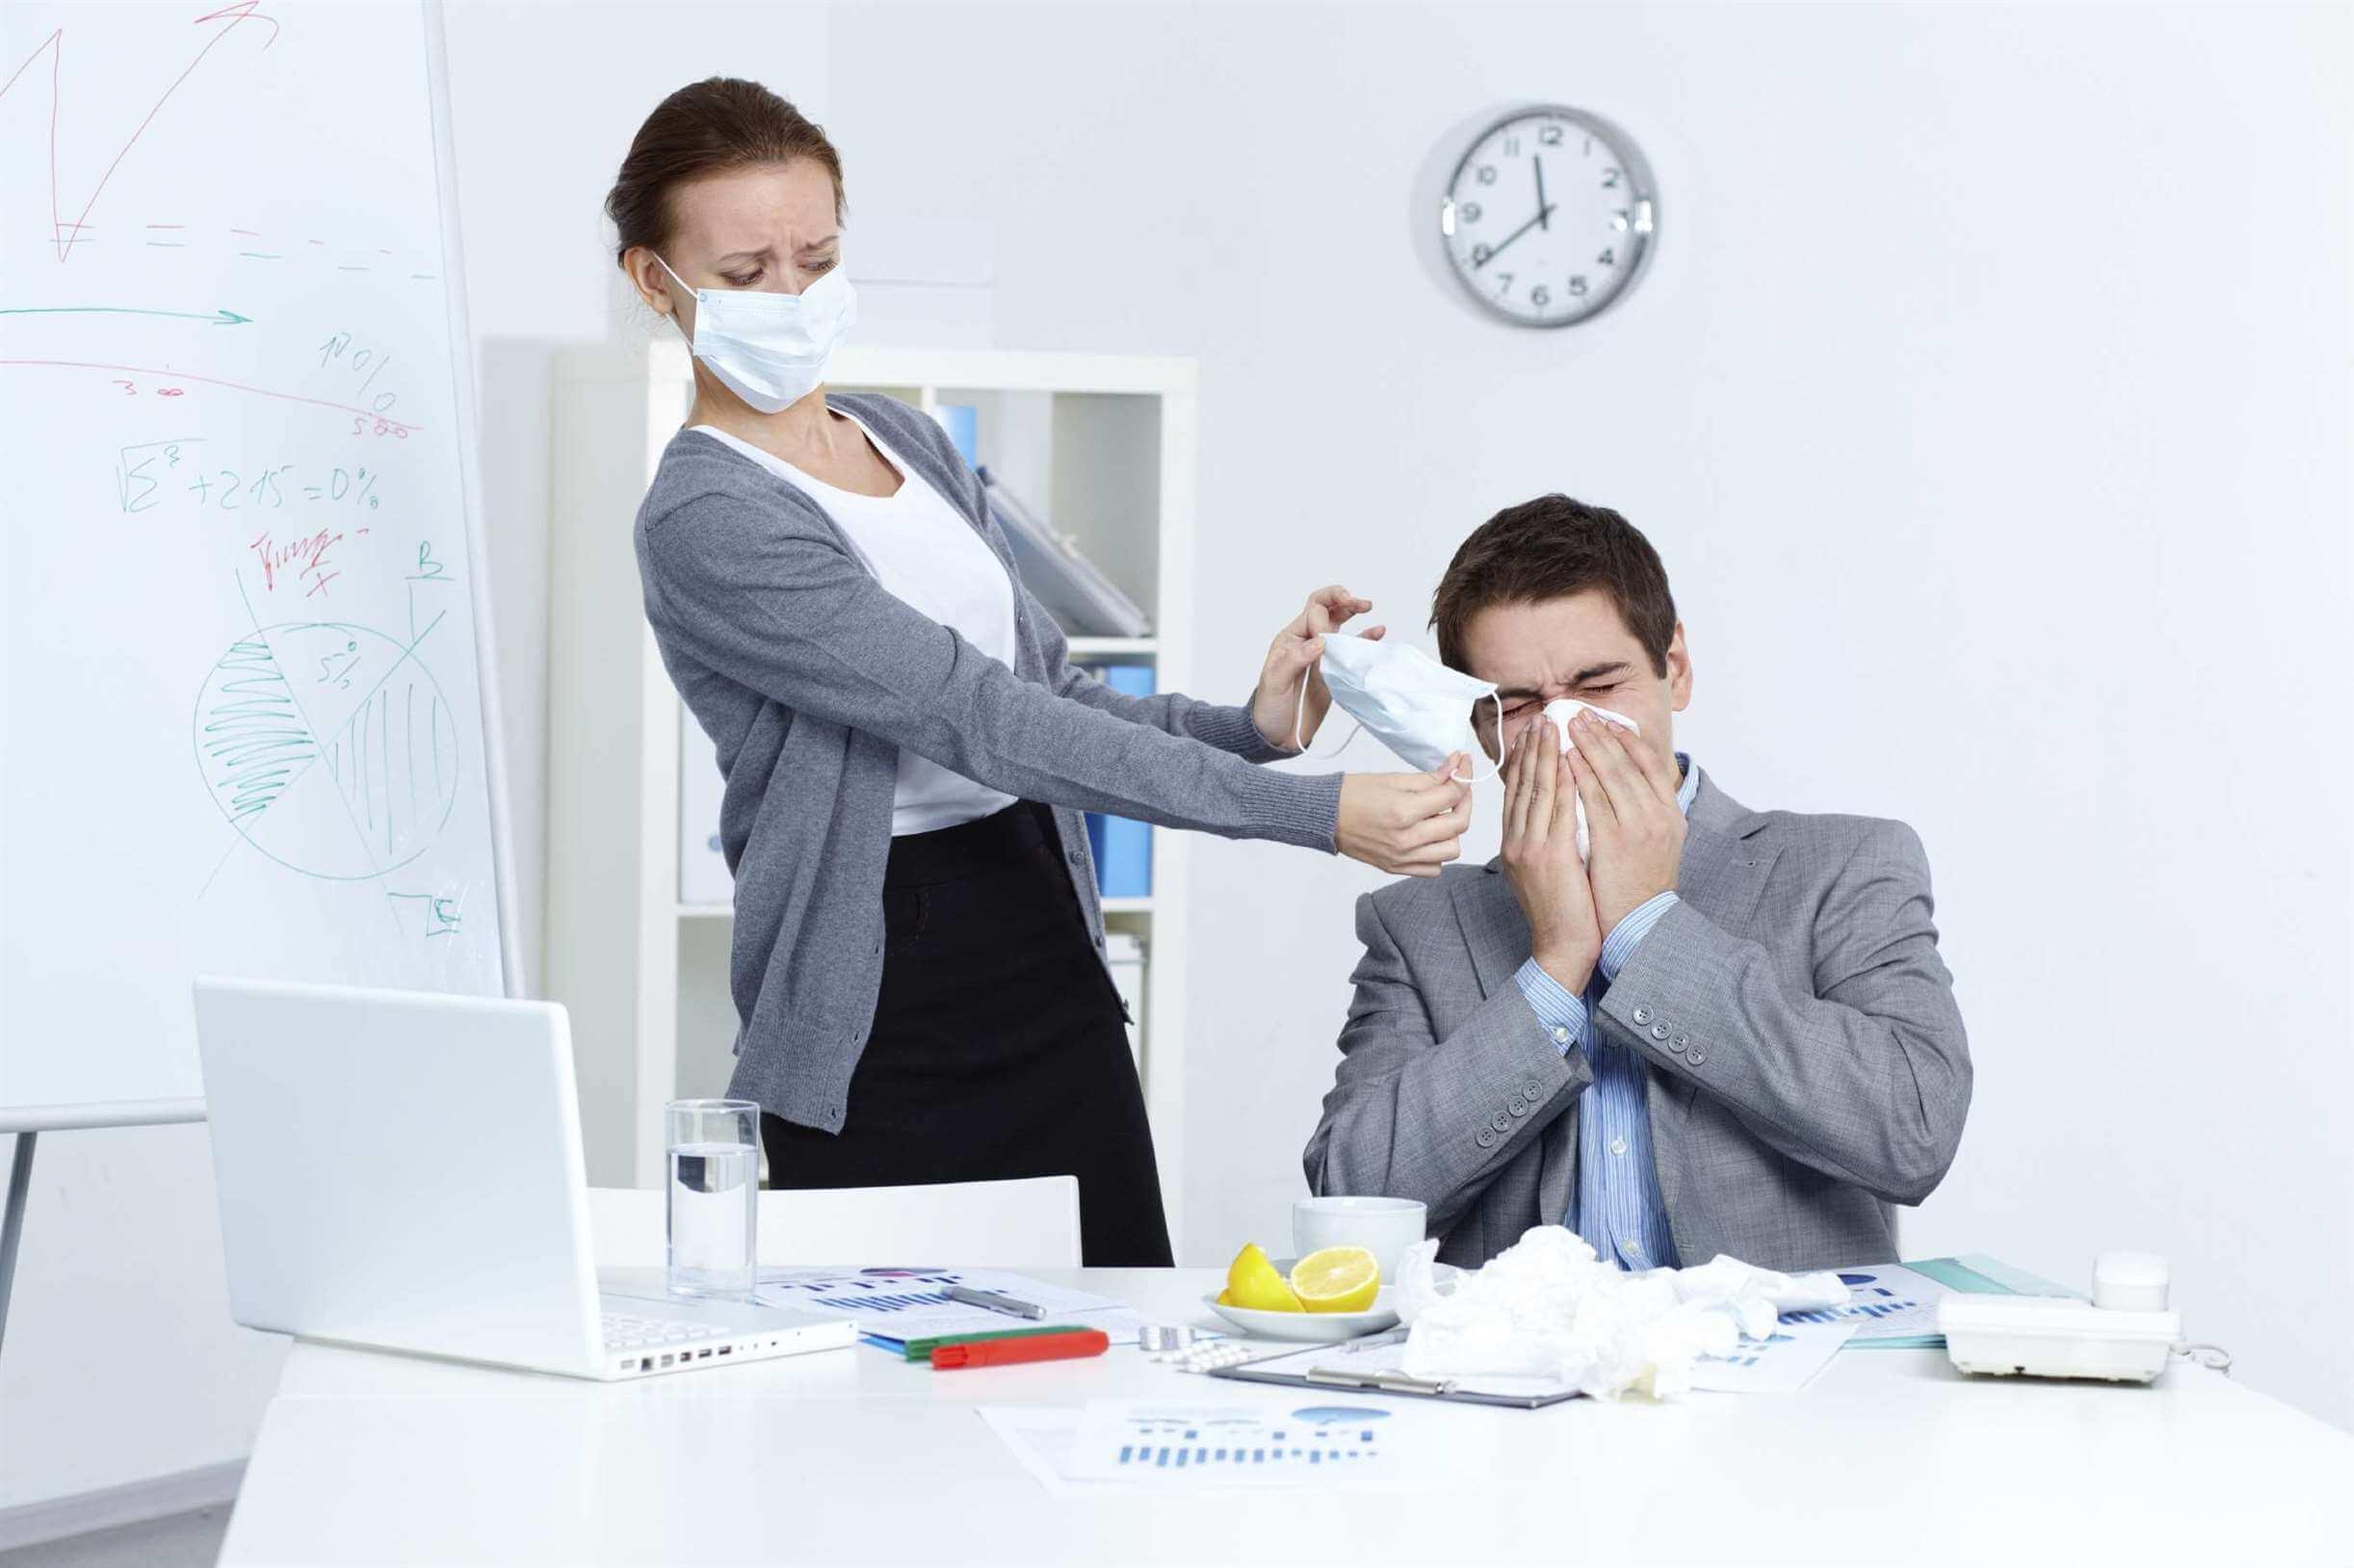 Polaznicima stručnog osposobljavanja bolovanje neće biti plaćeno!